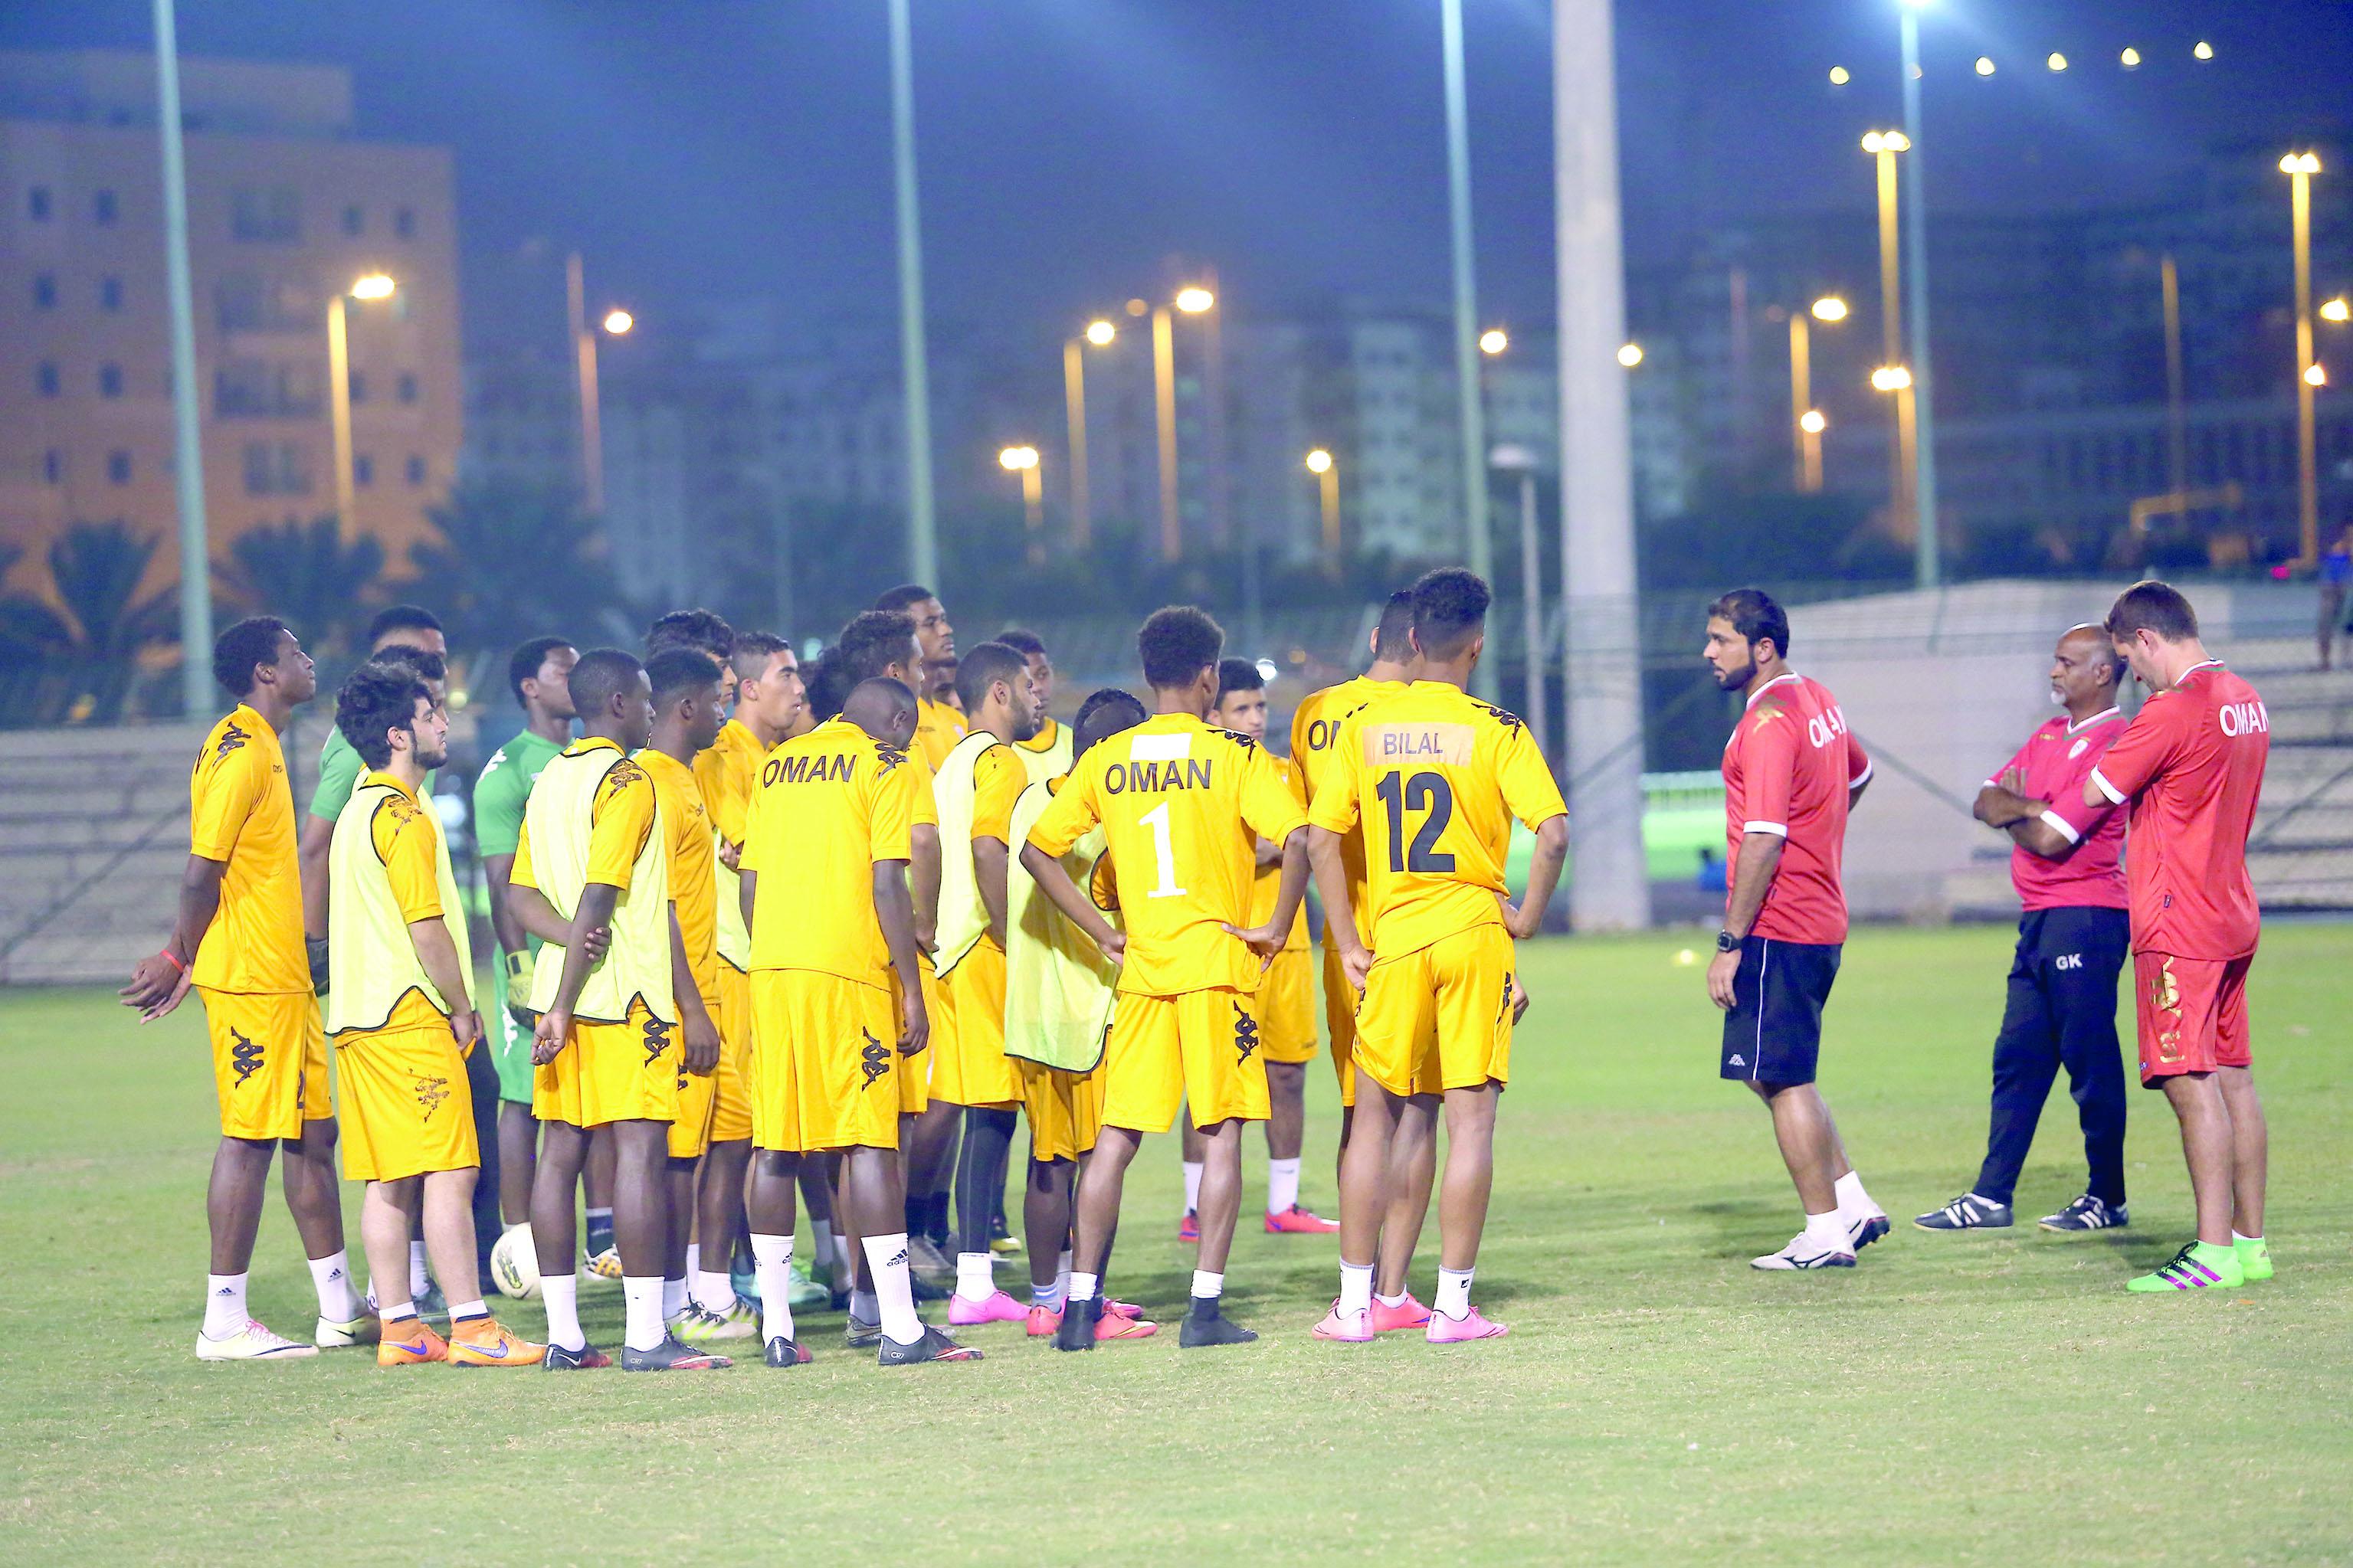 منتخبنا الأولمبي يغادر إلى الدوحة غدا للمشاركة في البطولة الخليجية